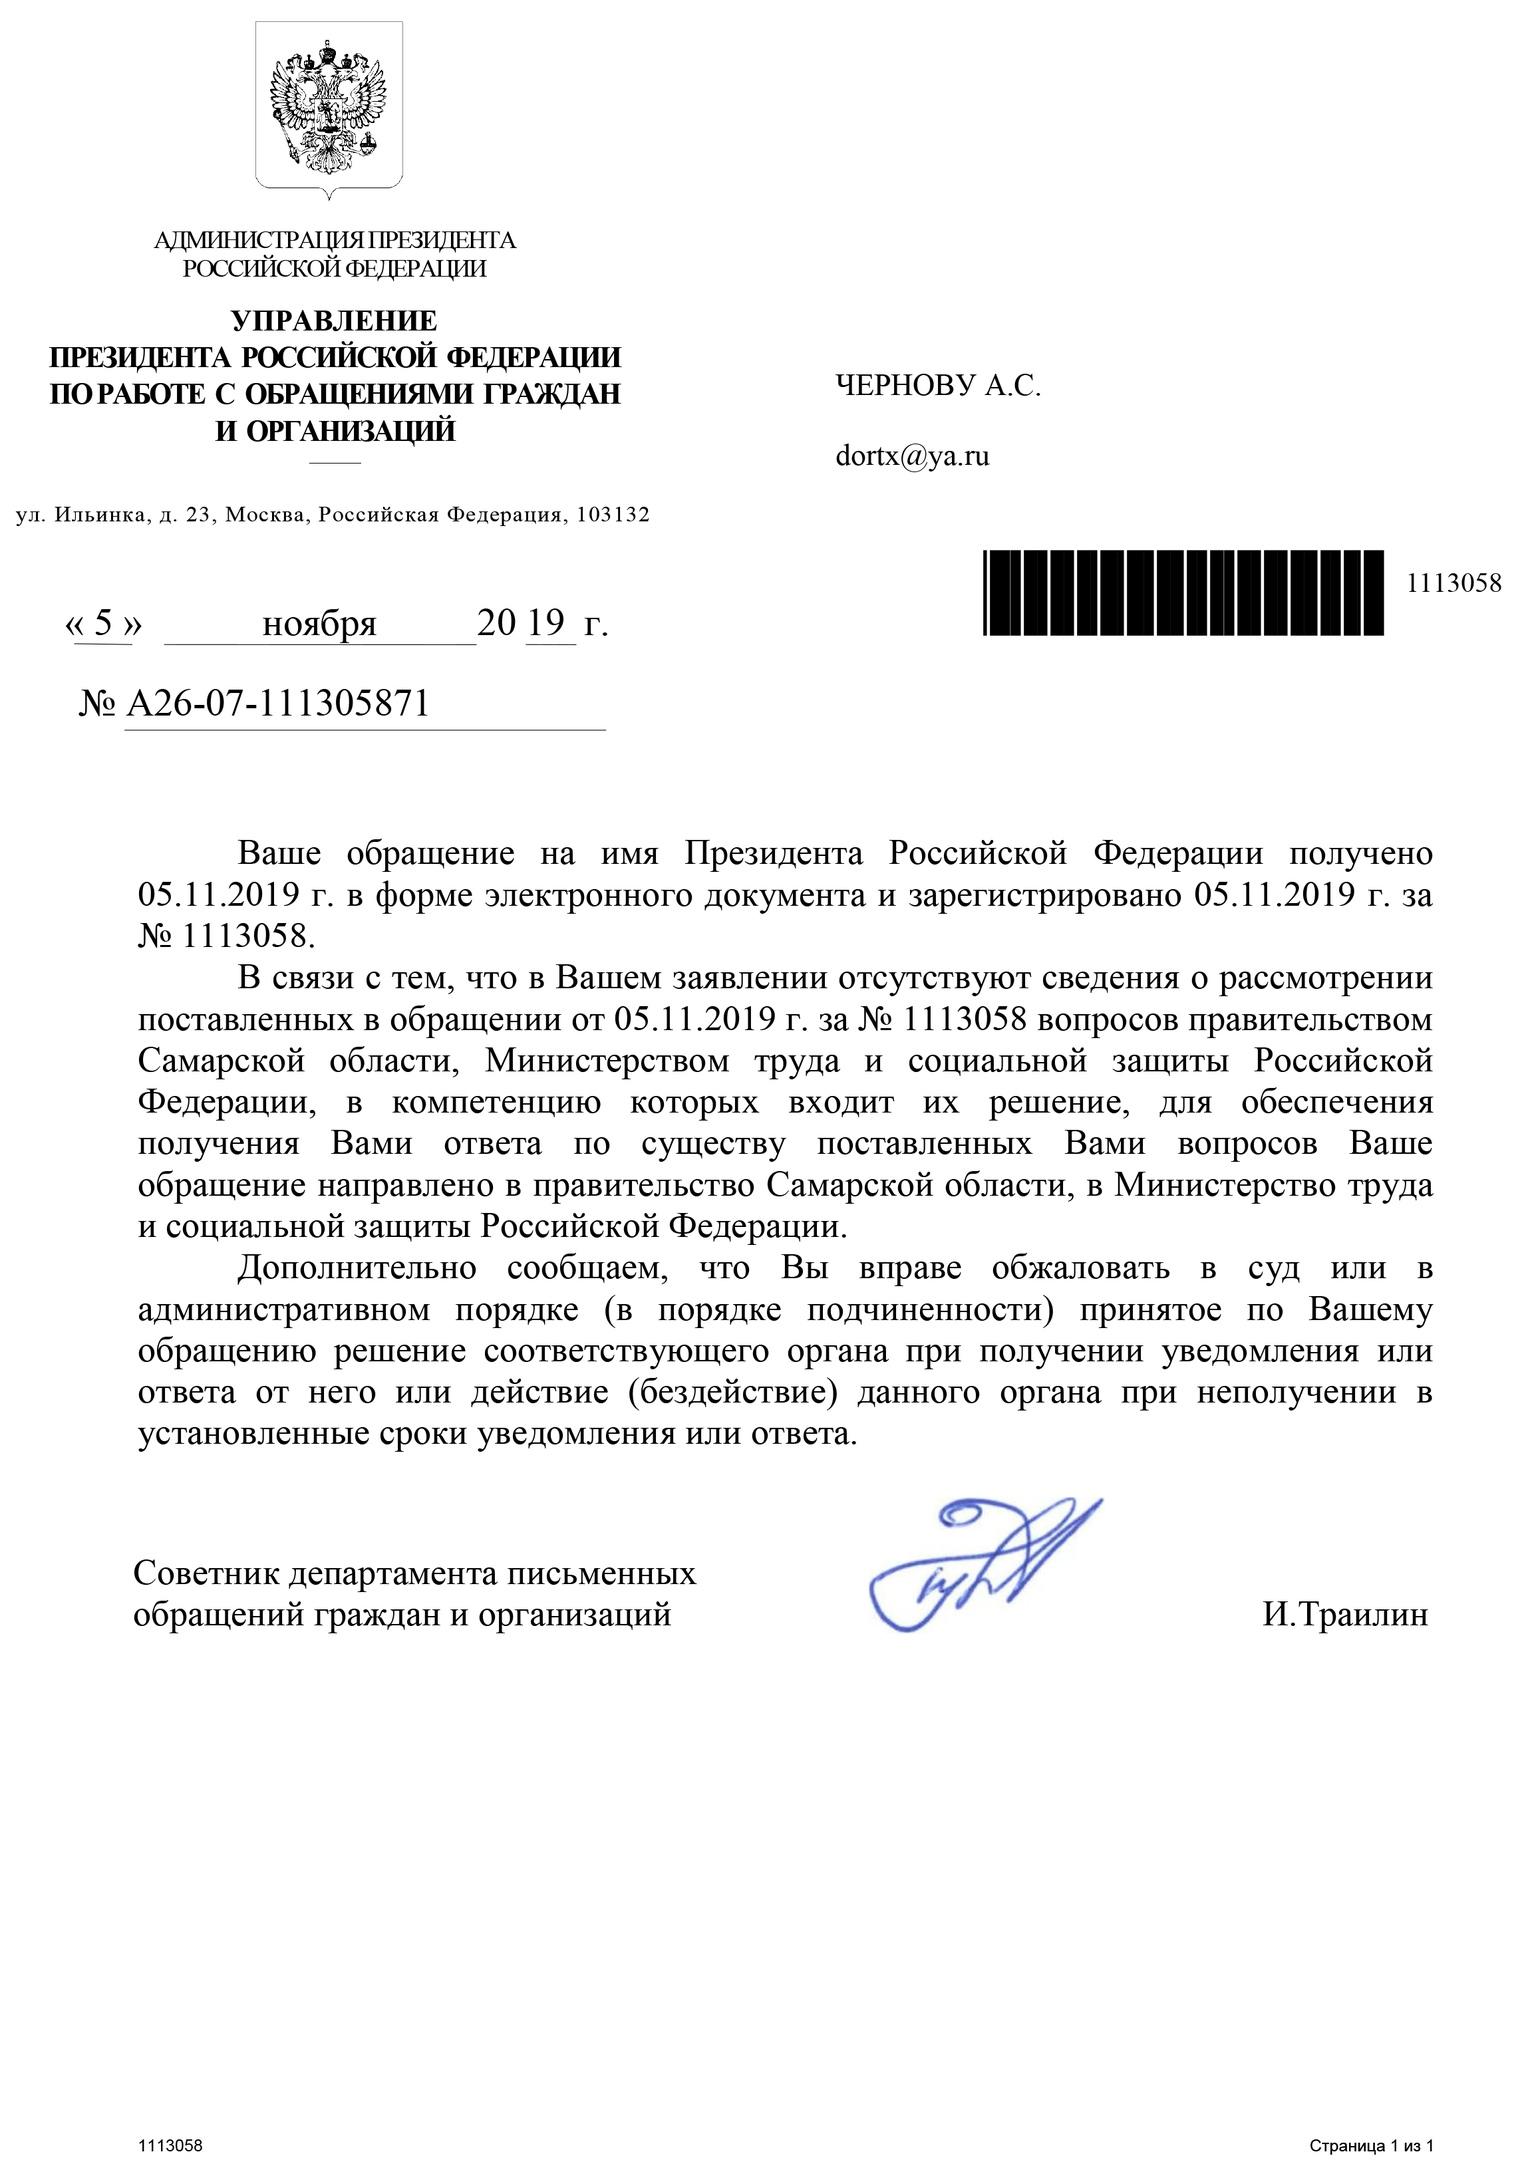 Митинг в Сызрани 02.11.2019 - ответ администрации президента на Резолюцию